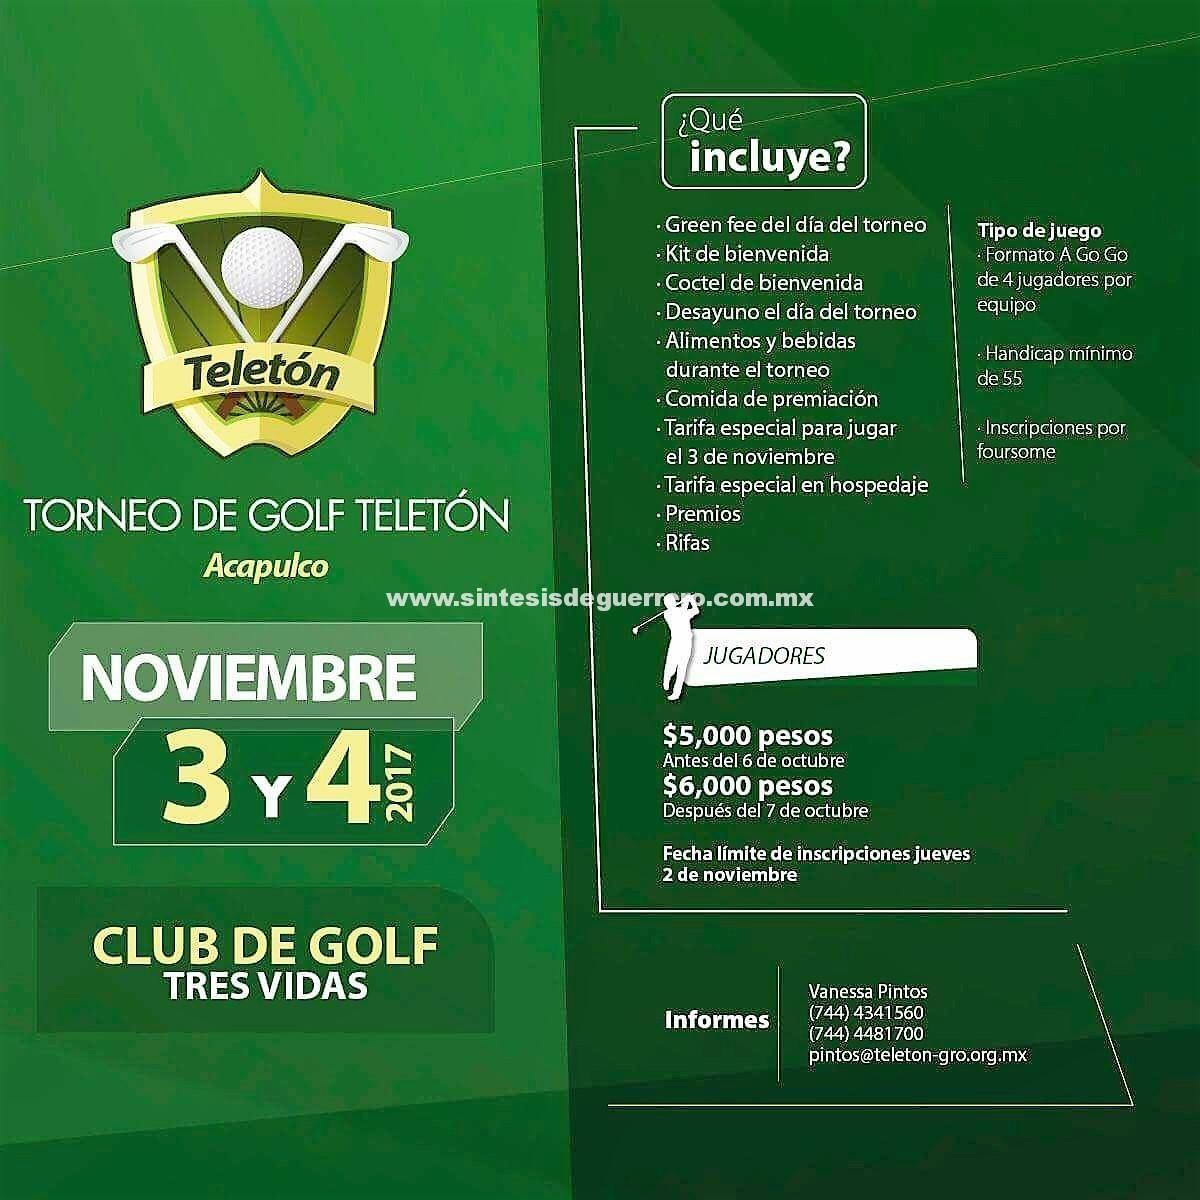 EL 3 y 4 de noviembre, Acapulco sede de Torneo de Golf a beneficio de niños y niñas del CRIT de Guerrero